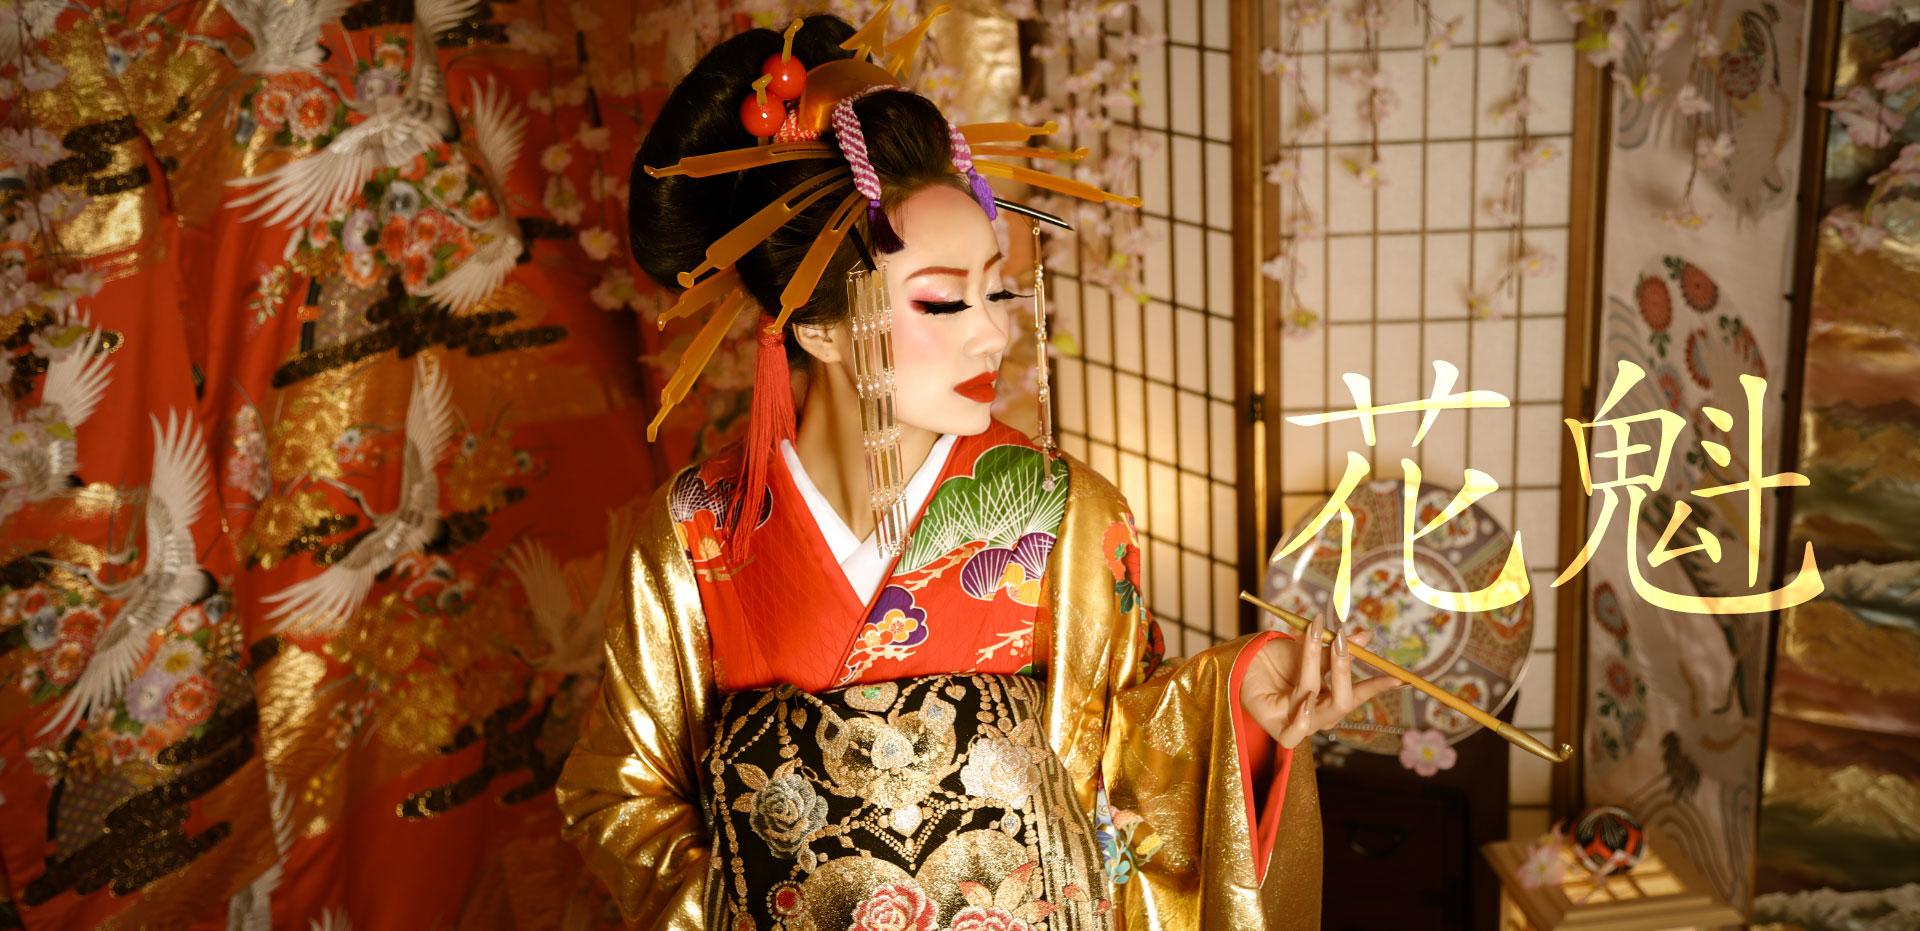 花魁の衣装を纏った美しい女性